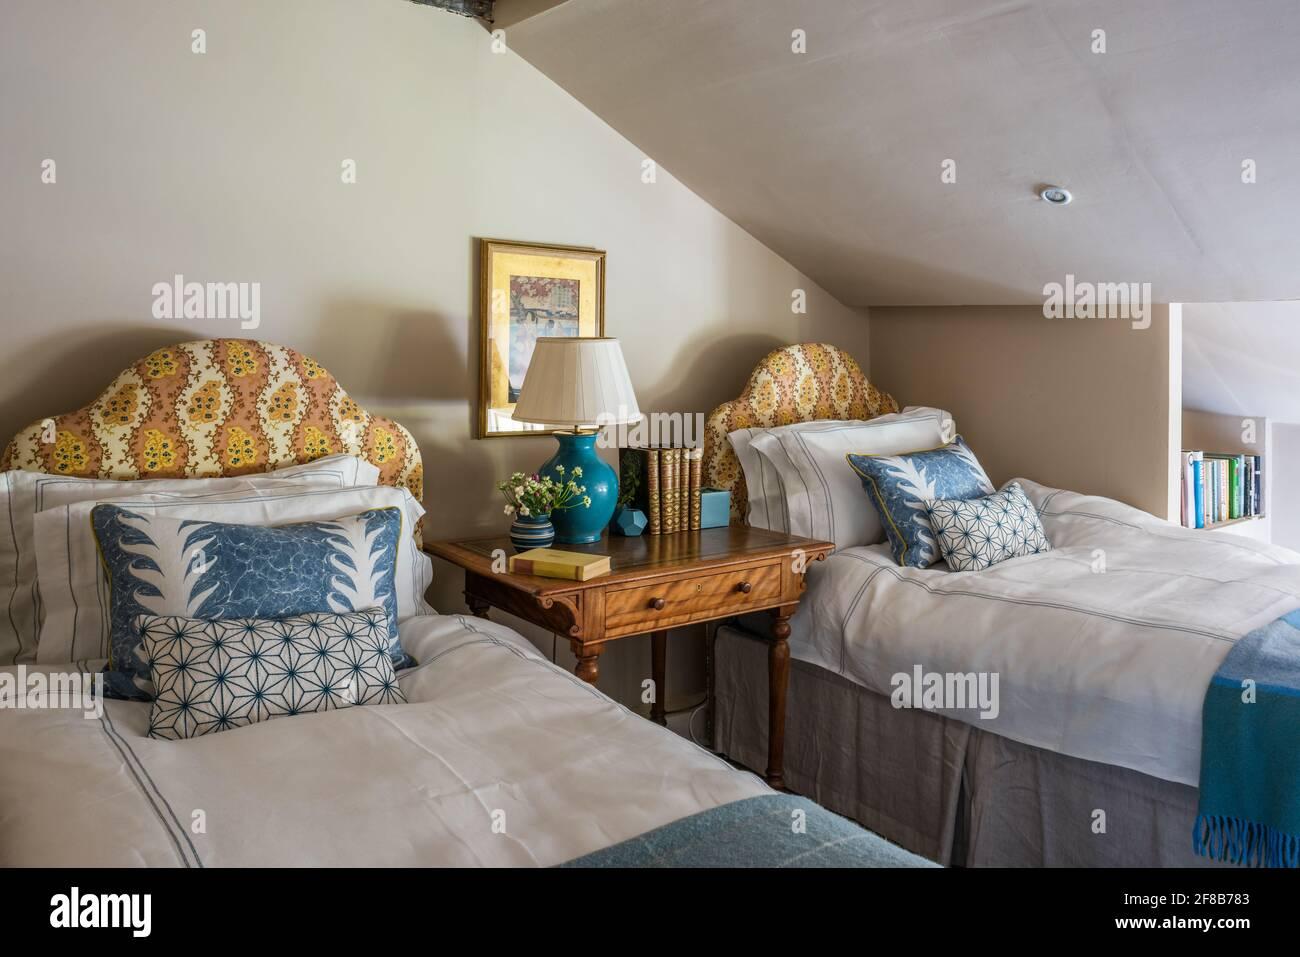 """Kopfteile aus Stoff von George Spencer mit Wänden in """"Silken Flank"""" Zweibettzimmer des denkmalgeschützten Suffolk-Bauernhauses der Klasse II Stockfoto"""